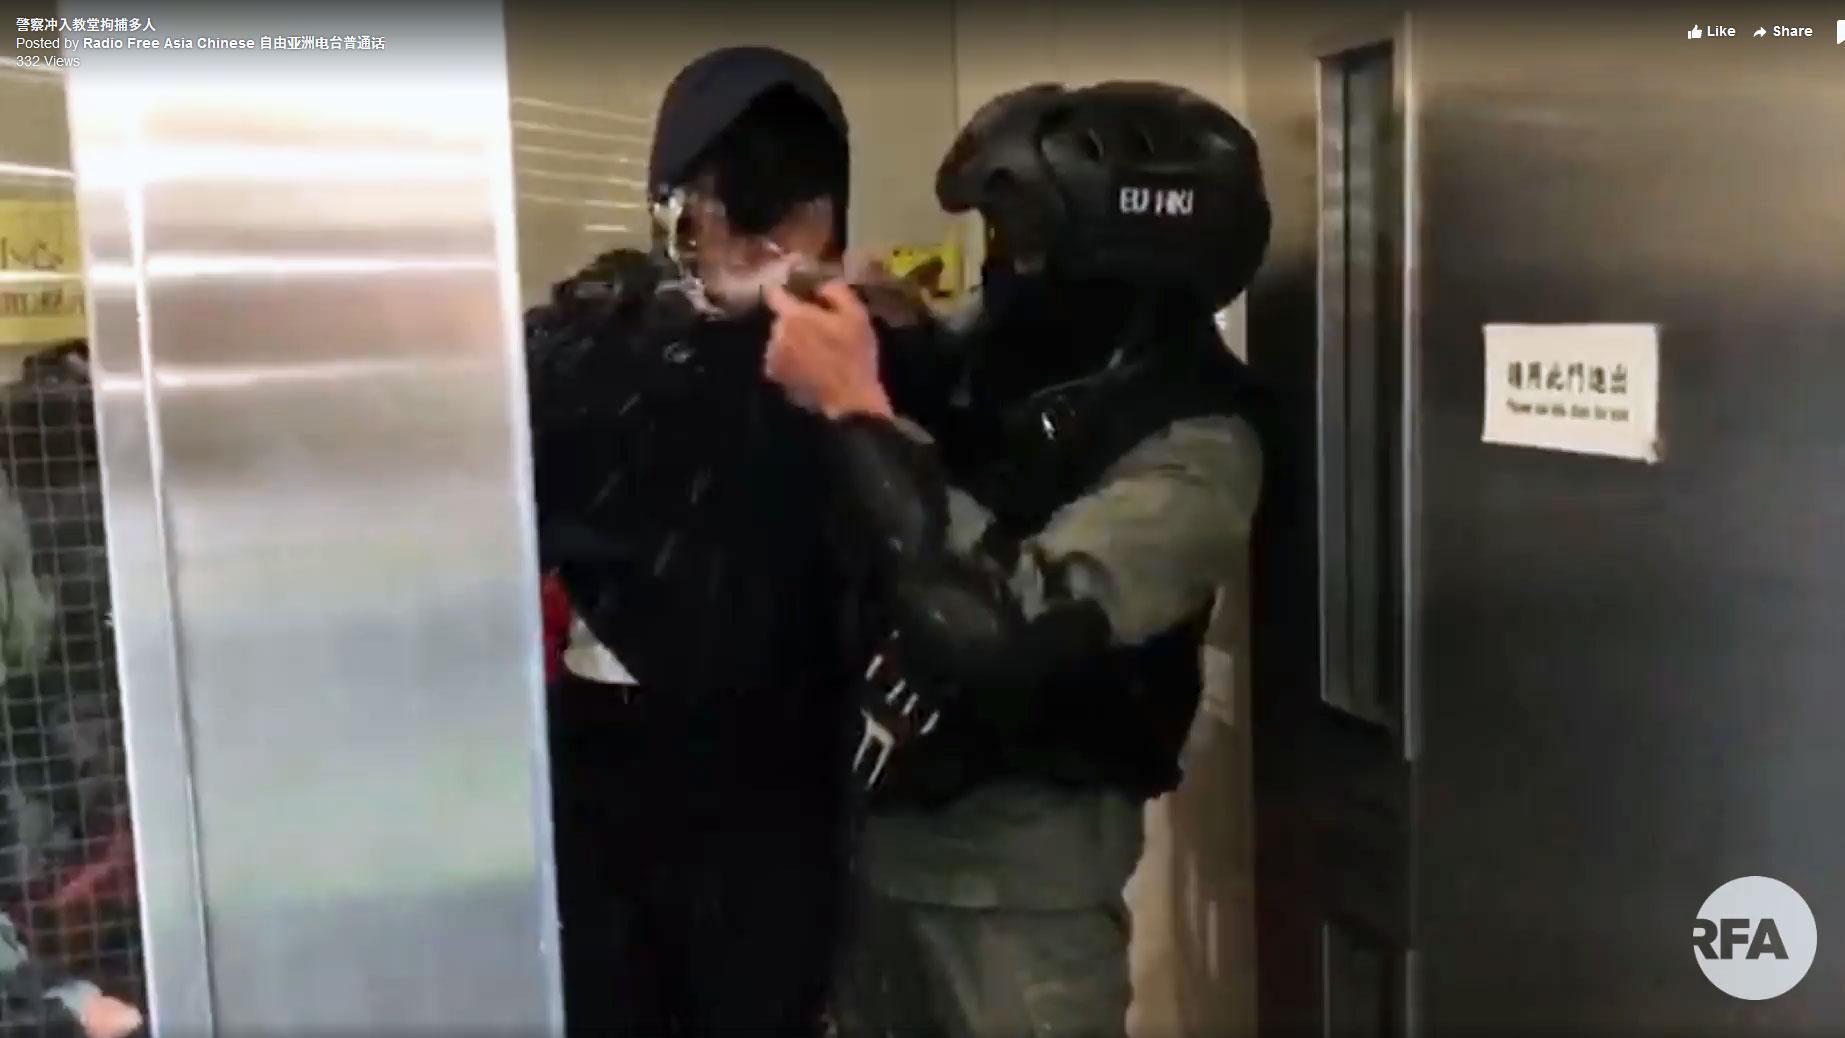 2019年11月11日,防暴警察从后门冲入教堂拘捕市民,其中一名被捕少年被拘捕后双手已被反绑,但仍被警察直射胡椒剂。(本台视频截图)